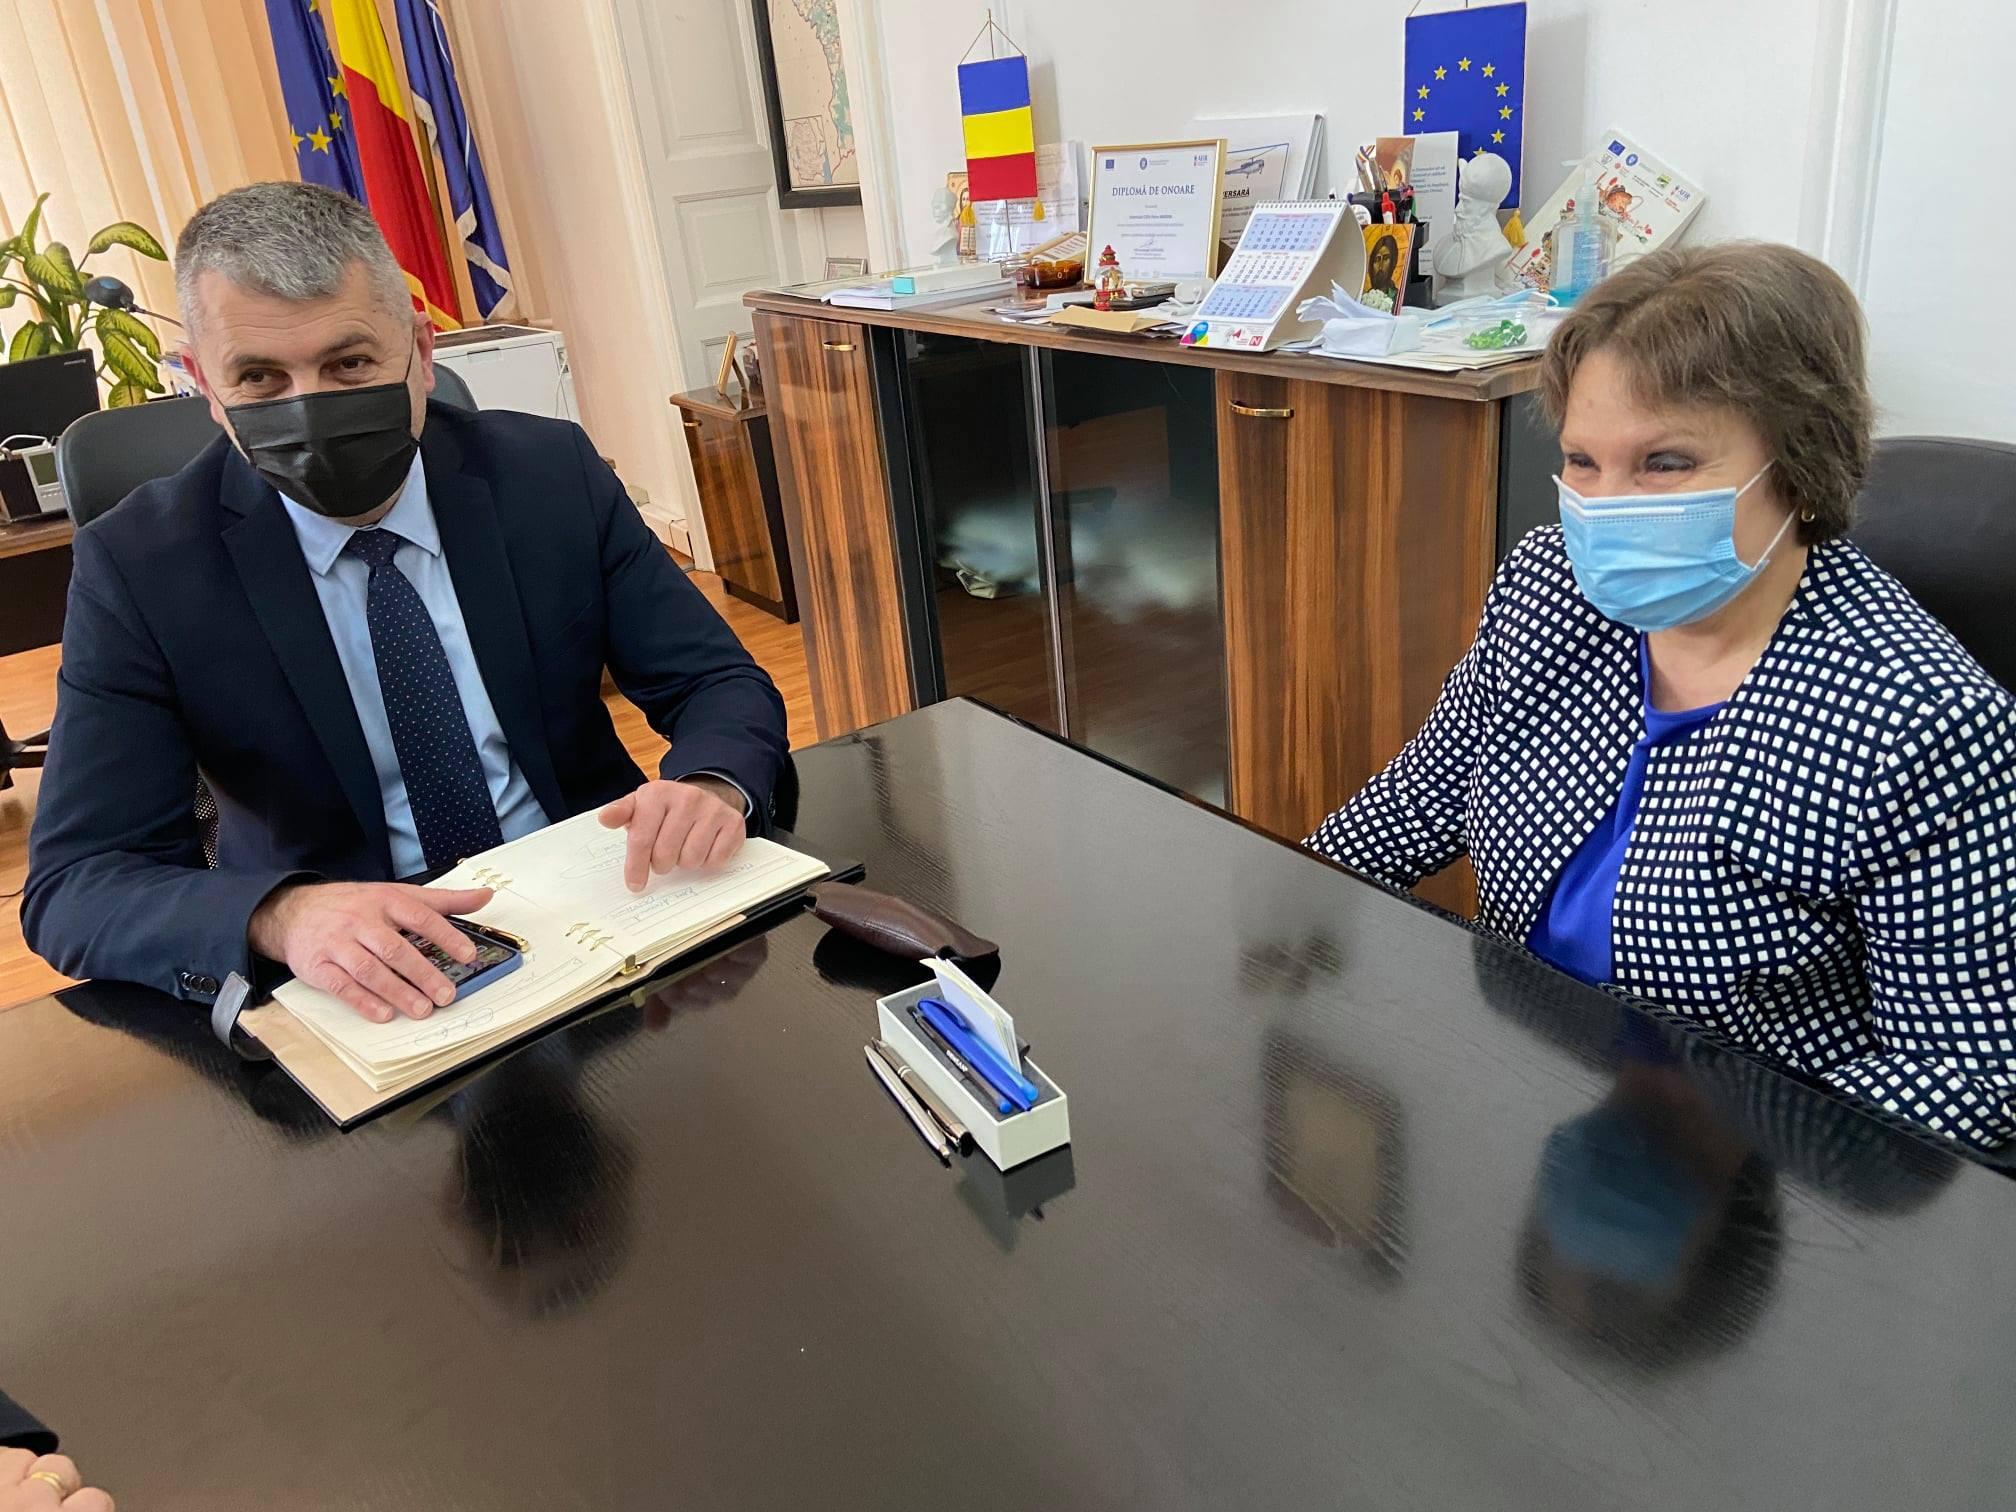 Întâlnire de lucru între prefectul judeţului şi preşedintele ANOFM, Maria Mareş. Situaţia şomajului tehnic, printre temele abordate în cadrul discuţiilor